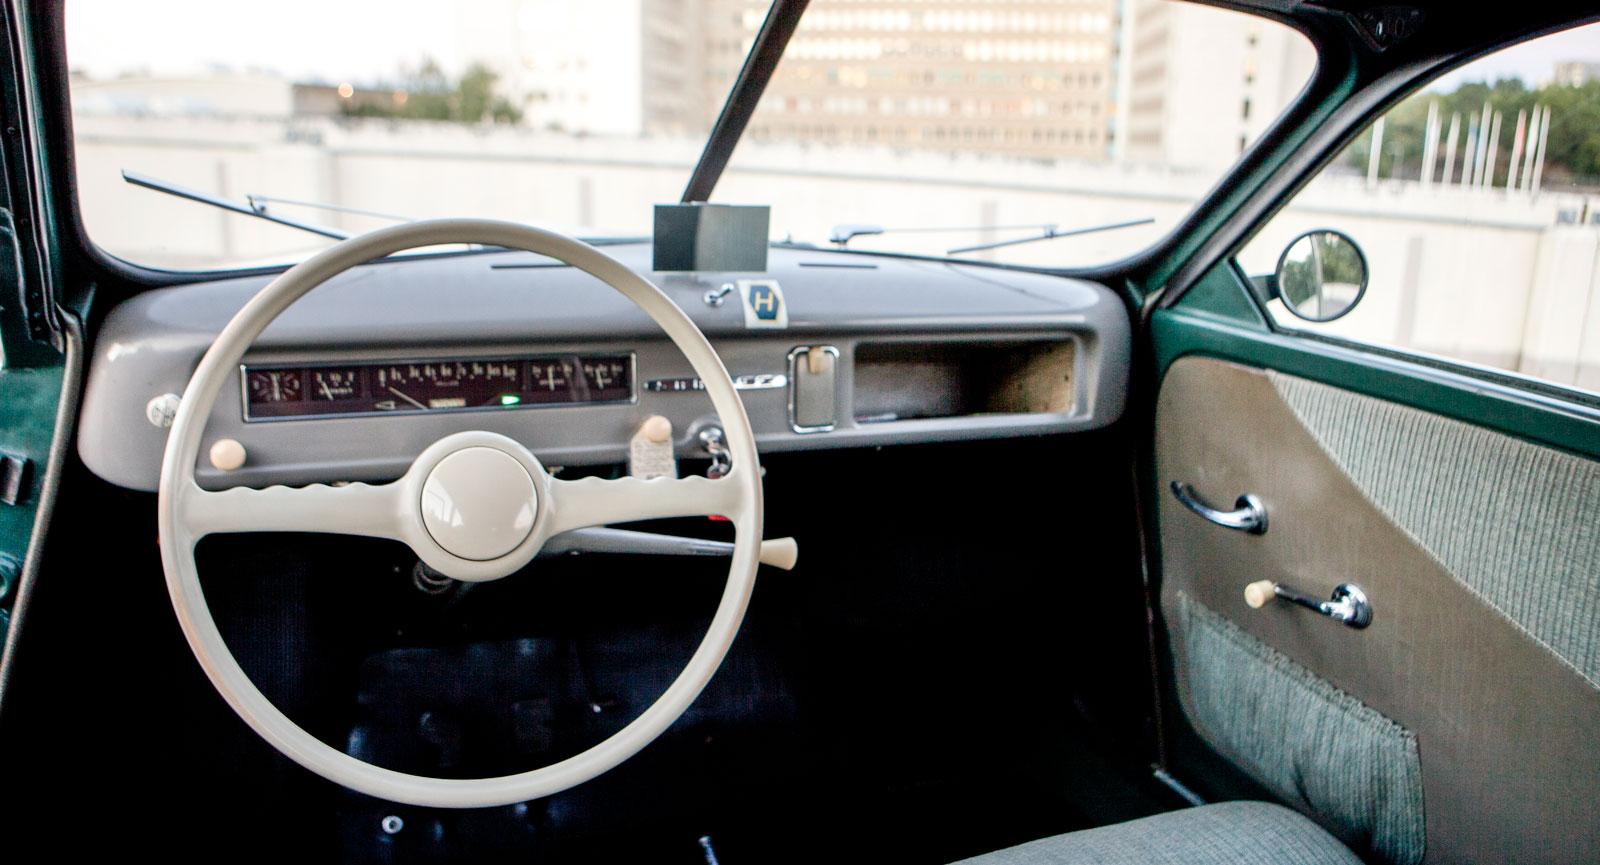 Mätare från Stewart-Warner, handskfack modell resväska, ylletyger. Sidenmjuk ratt och kexchoklad-emblem.